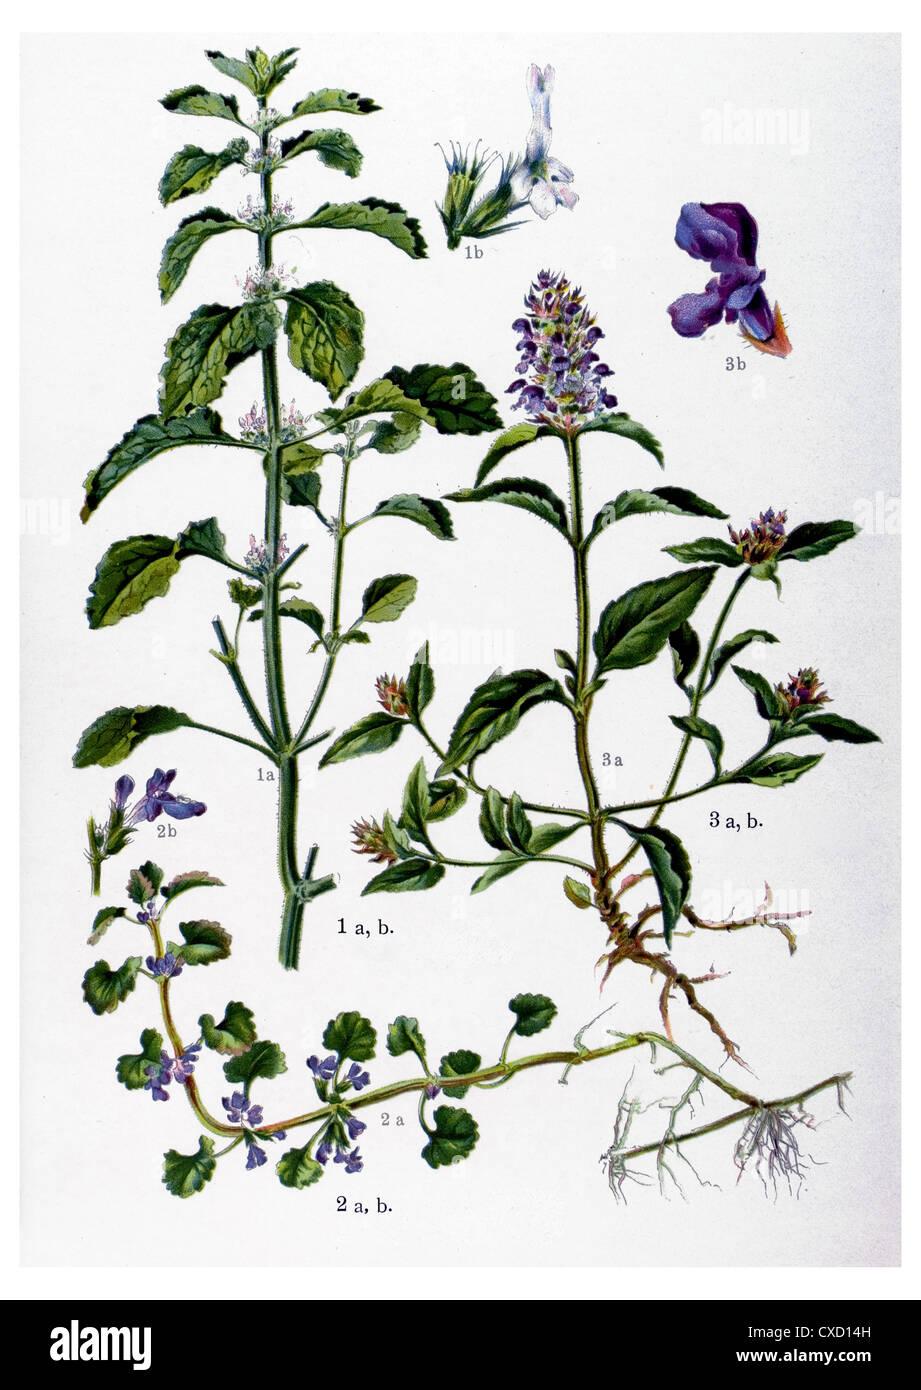 Marrubium vulgare - Stock Image